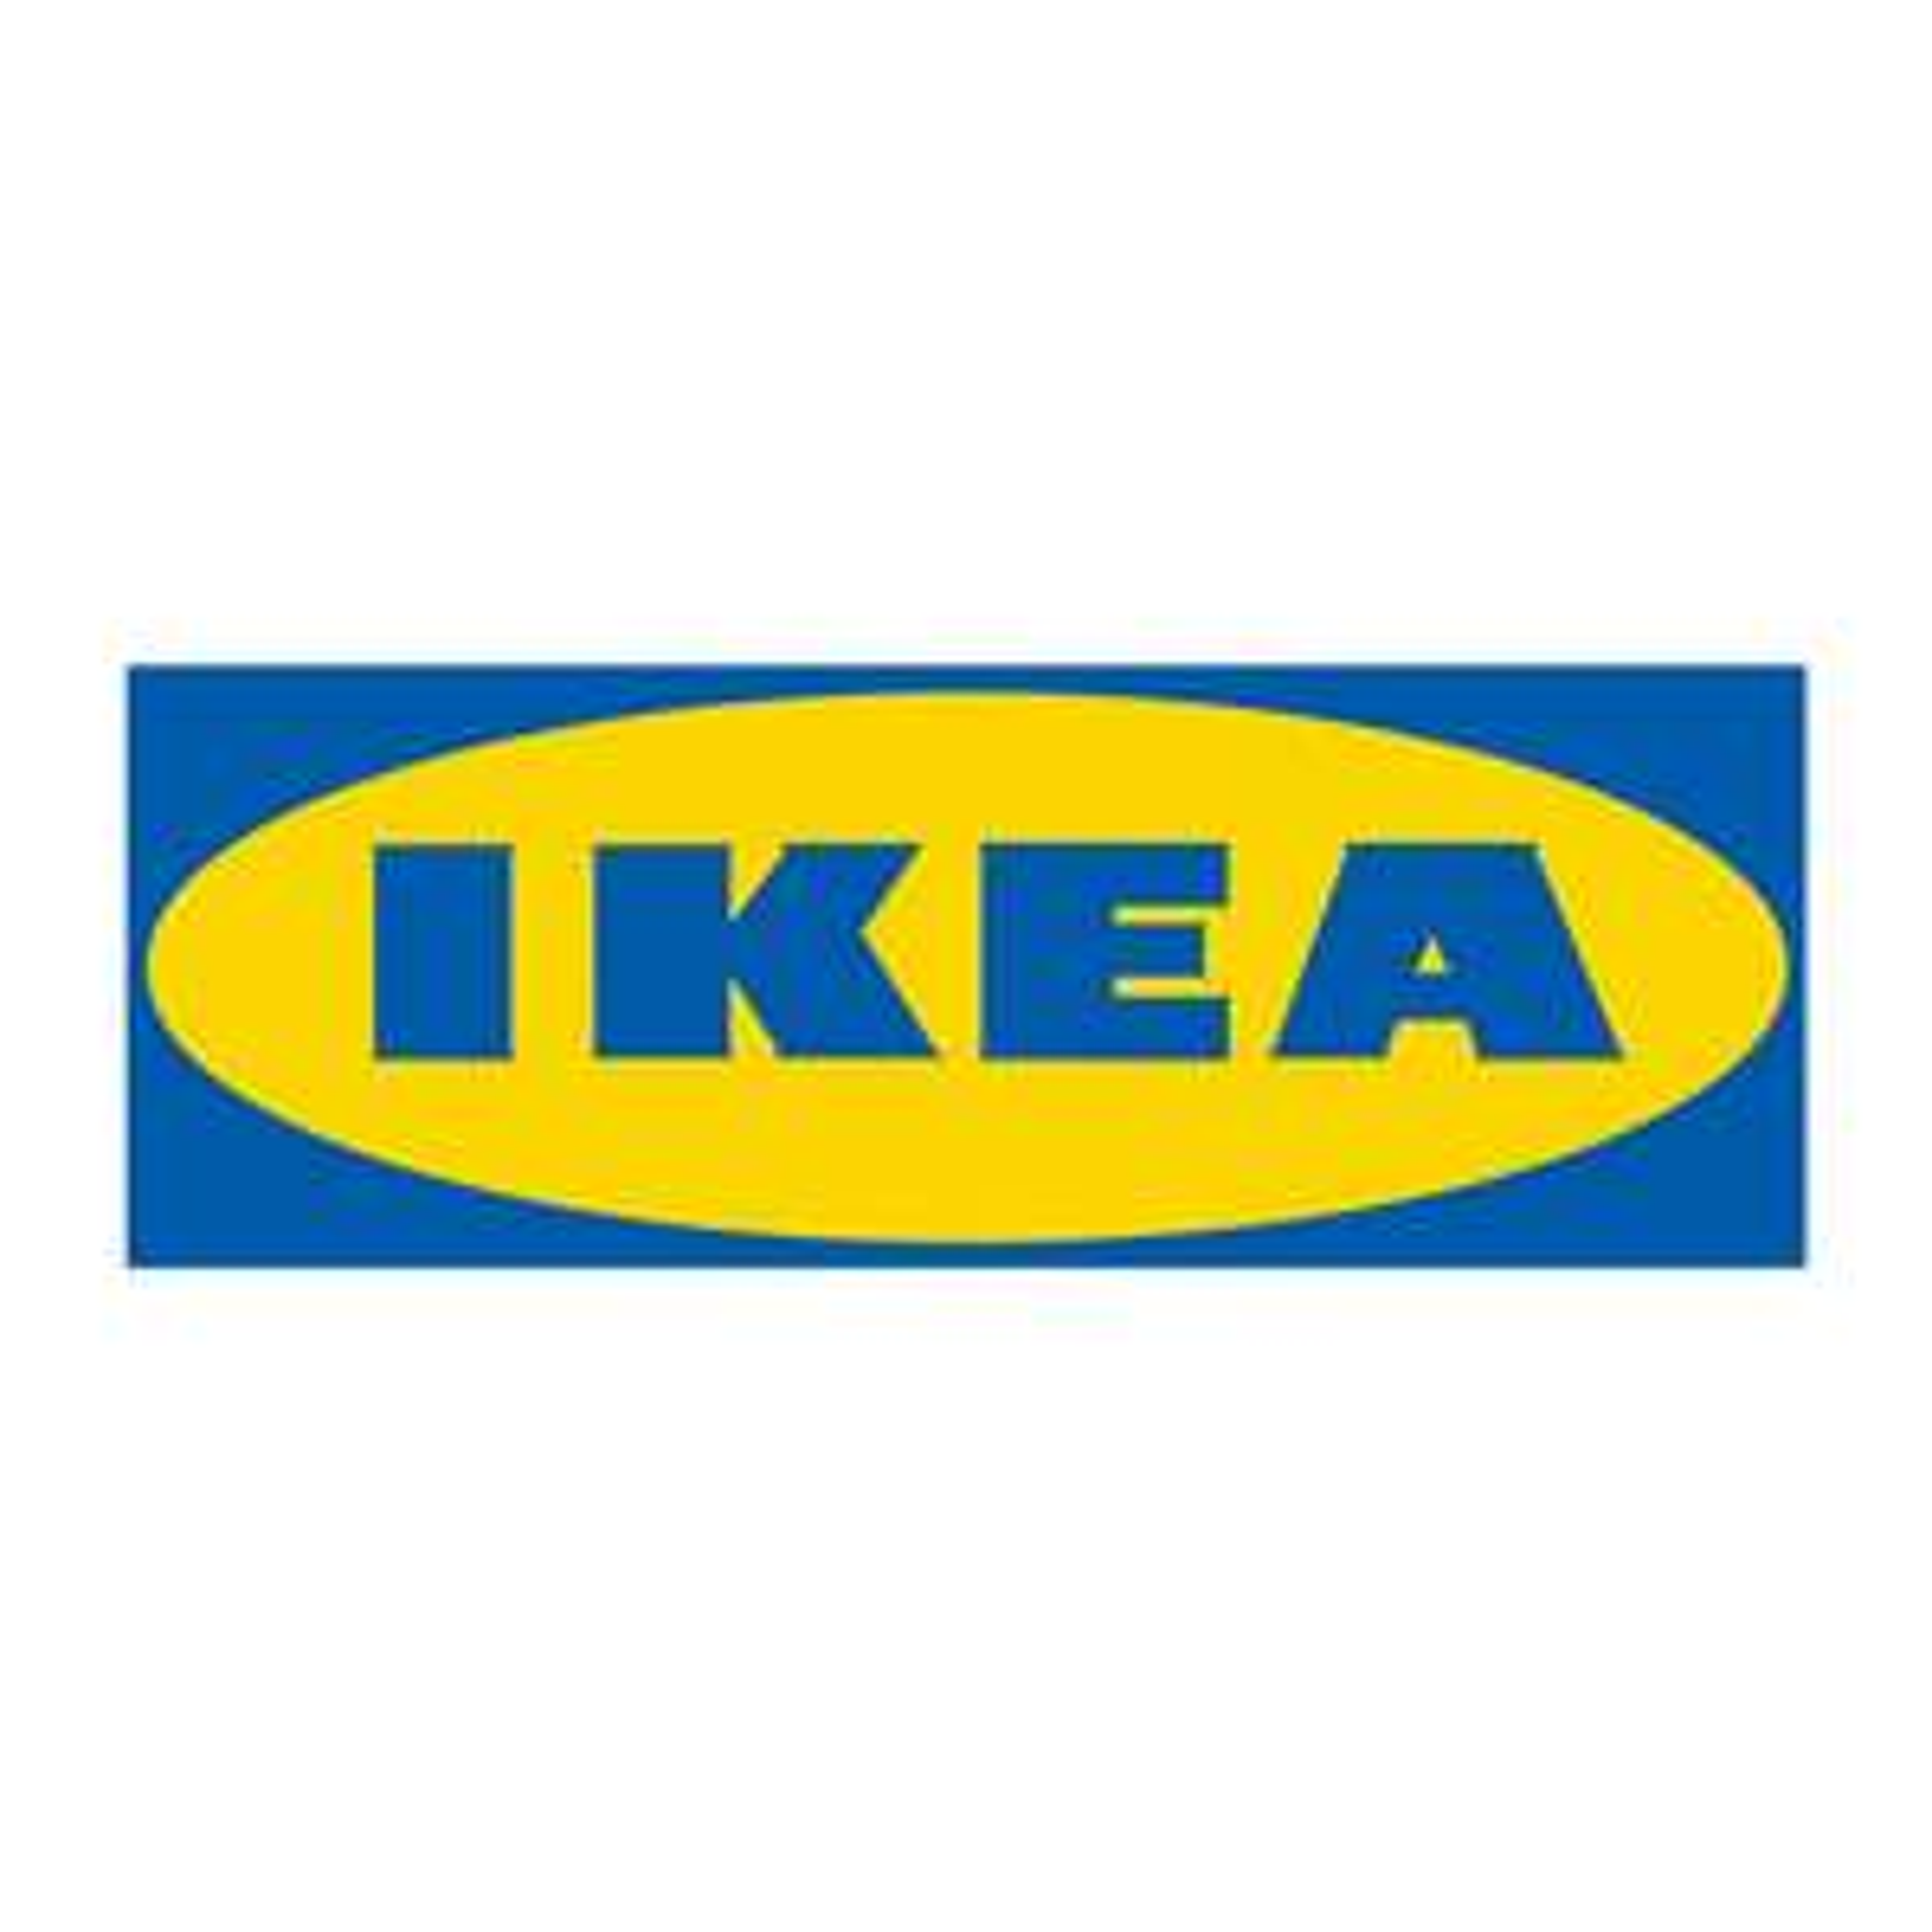 [Ikea Family] Addition au restaurant ou courses à l'épicerie 100% remboursés en bon d'achat dès 25€ et jusqu'à 50€ d'achat